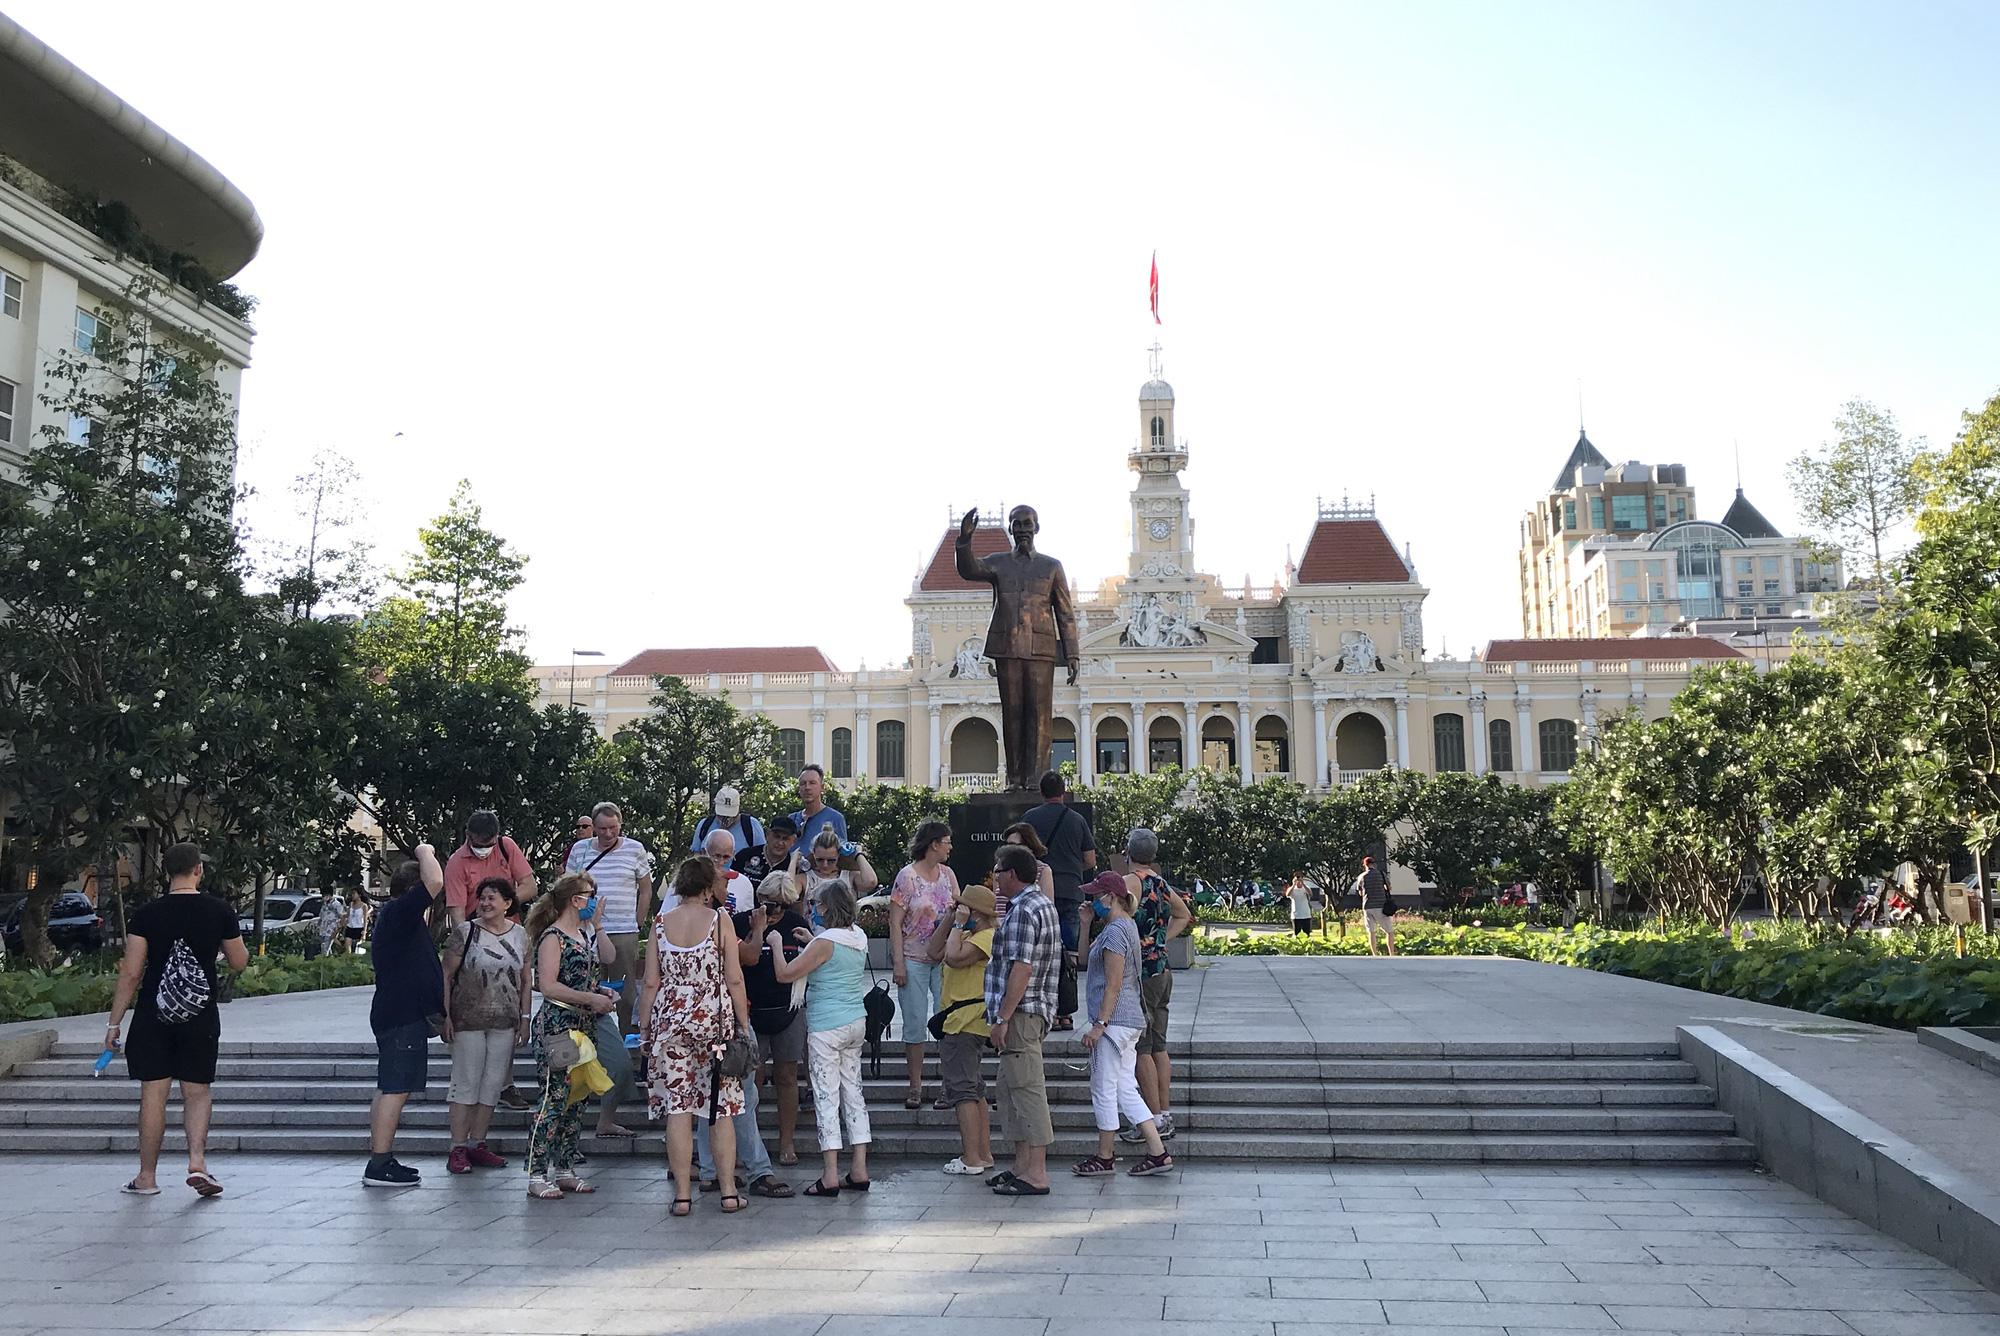 Liên tiếp xuất hiện ca nhiễm Covid-19, đường Sài Gòn vắng tanh, Vincom Đồng Khởi không một bóng người - Ảnh 12.